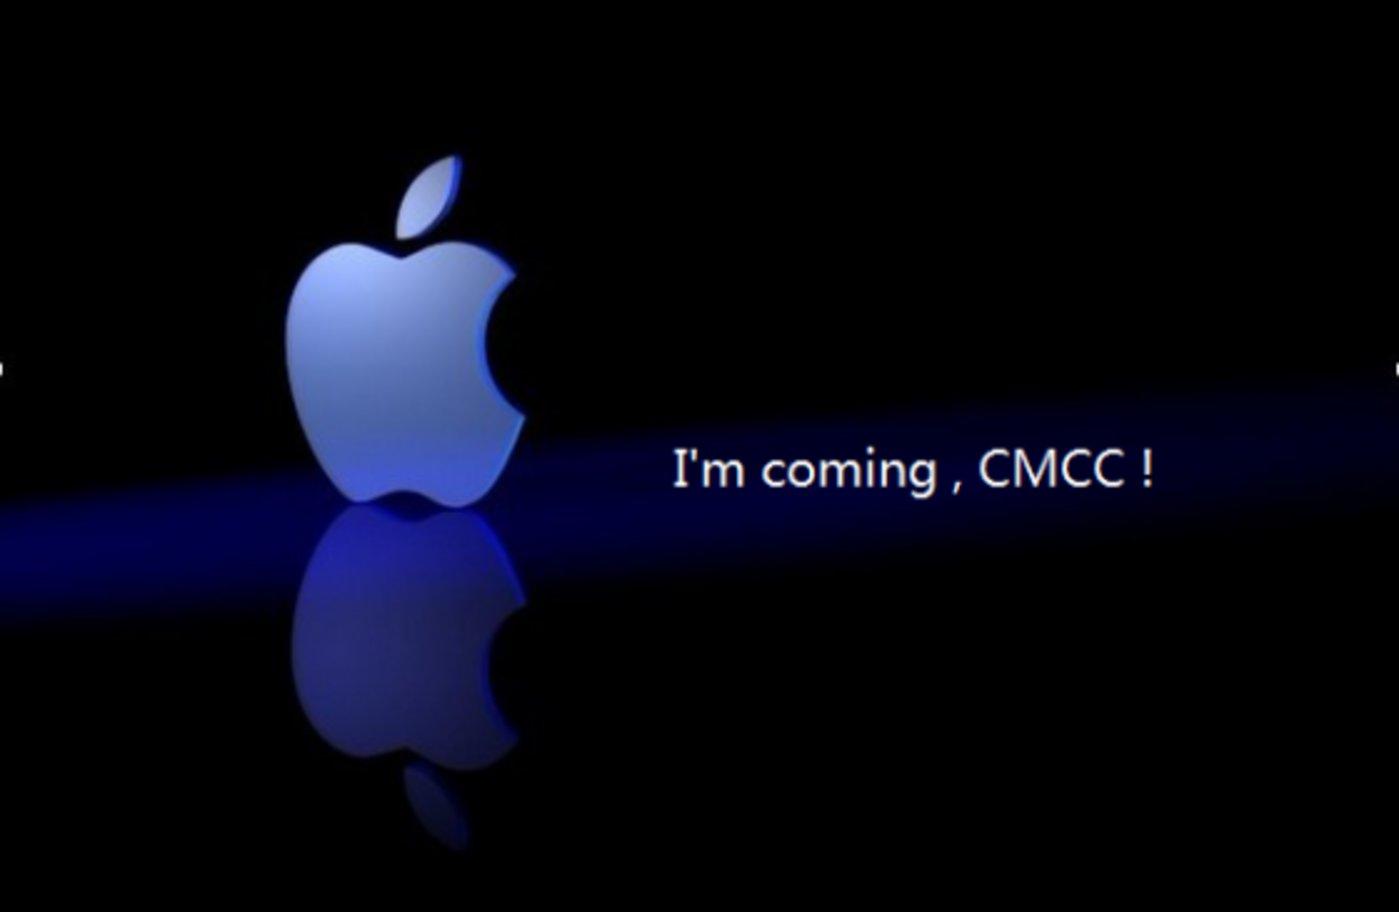 苹果移动合作的幕后